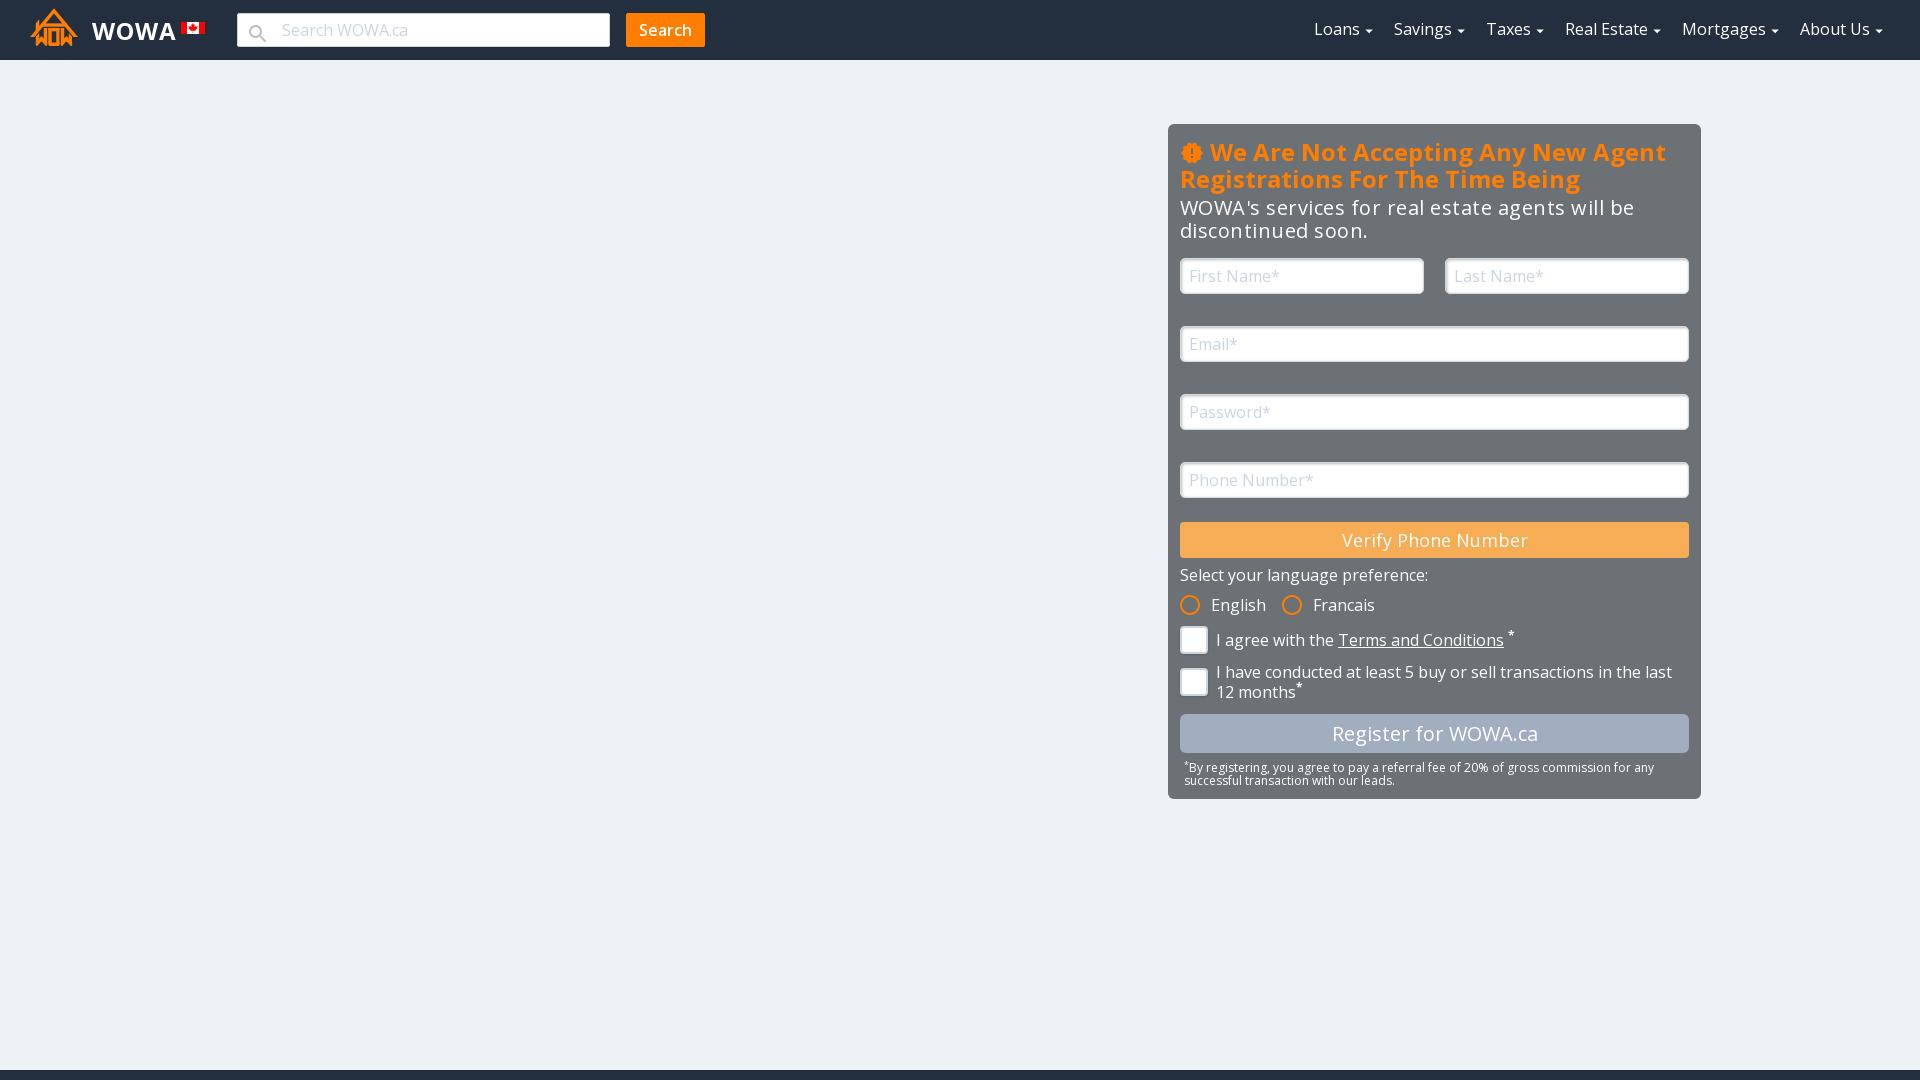 Register as an Agent - WOWA